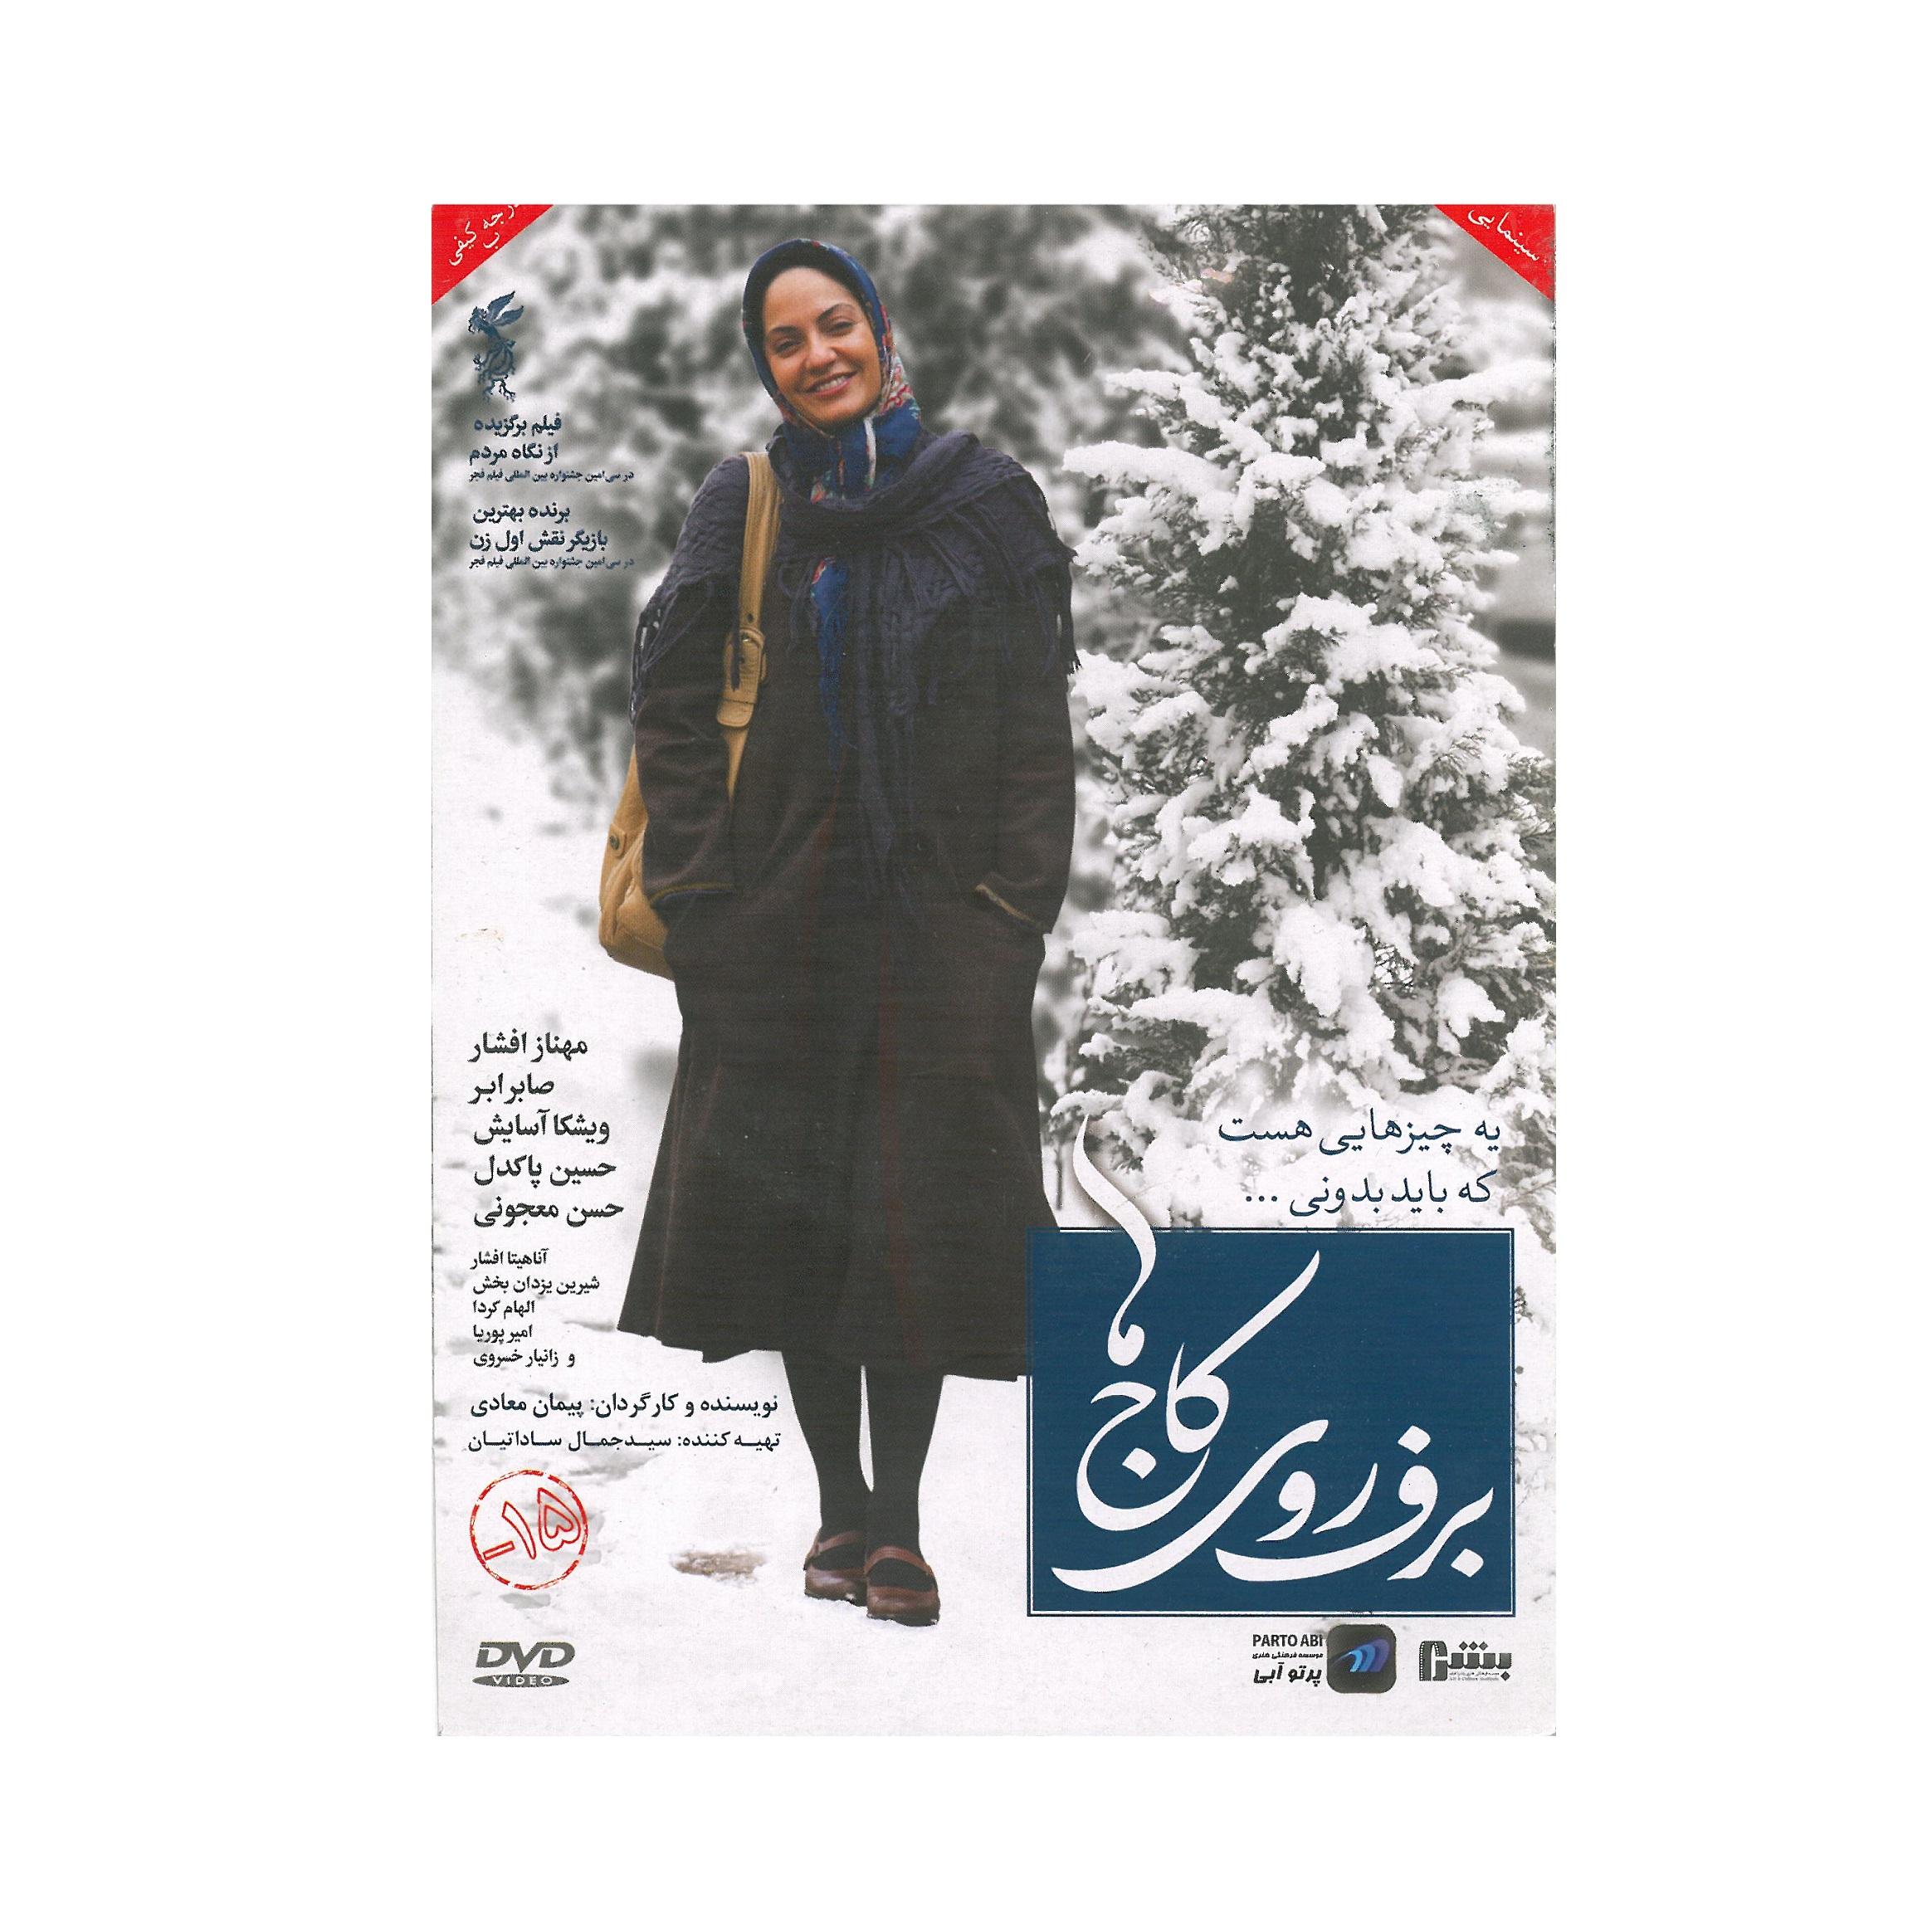 فیلم سینمایی برف روی کاج ها اثر پیمان معادی نشر پرتو آبی